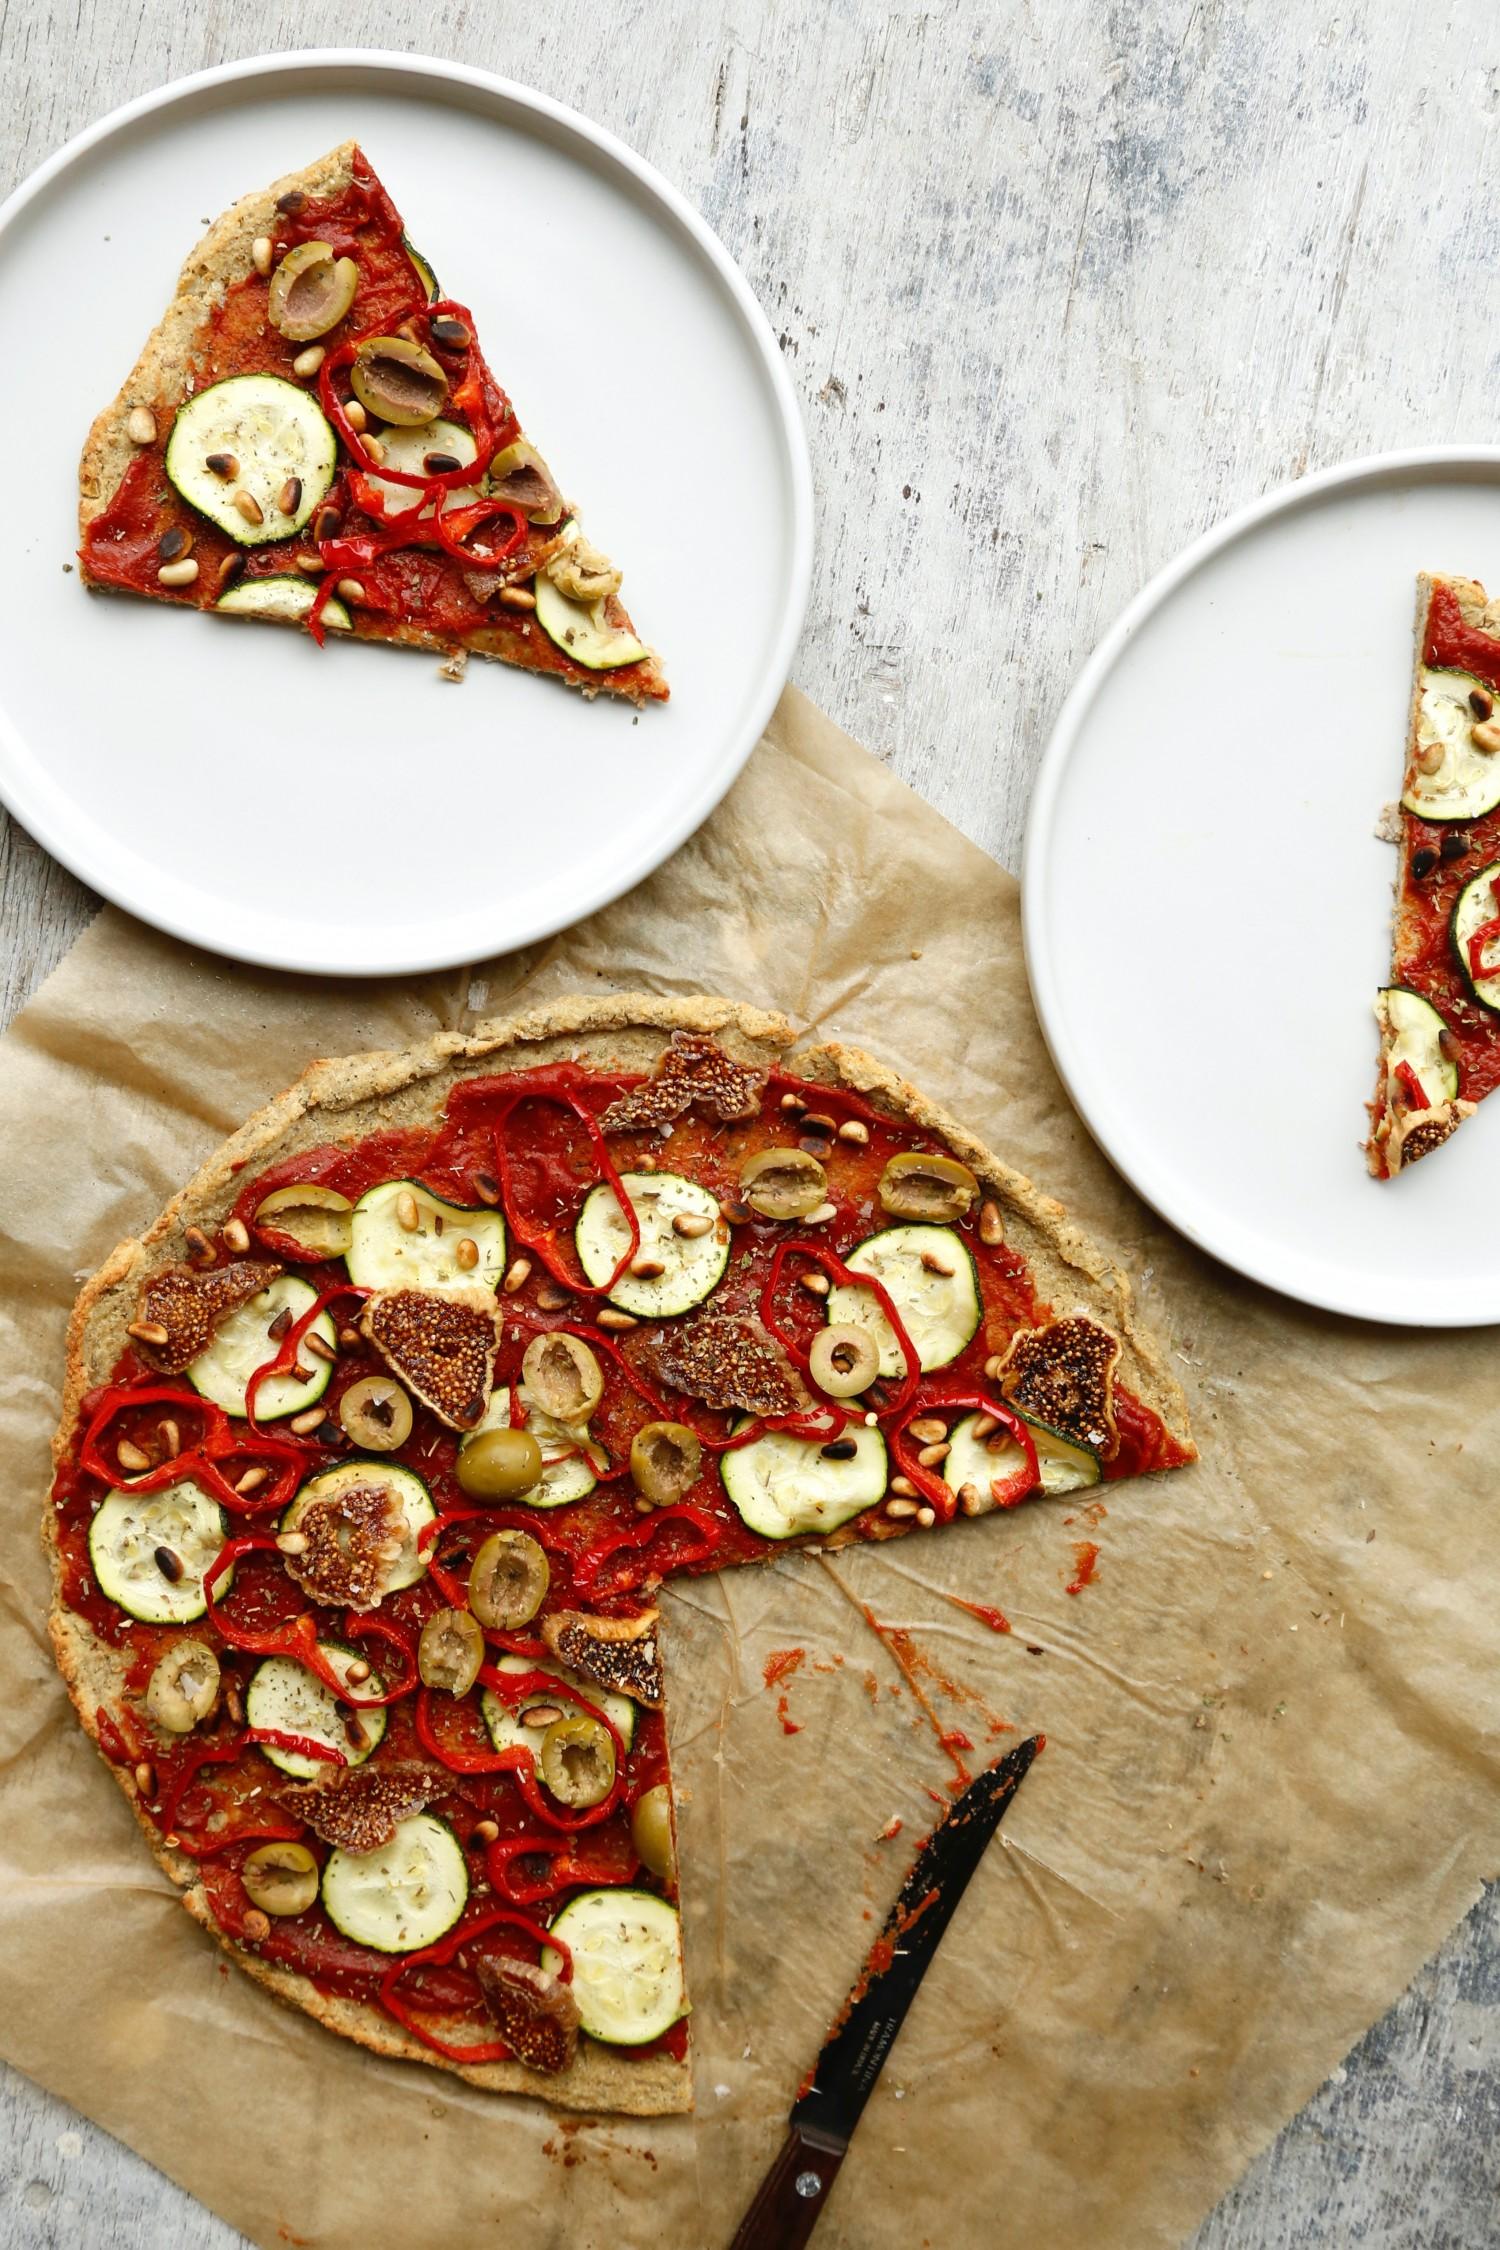 nem-blomkaalspizza-glutenfri-og-vegansk-opskrift-1-3